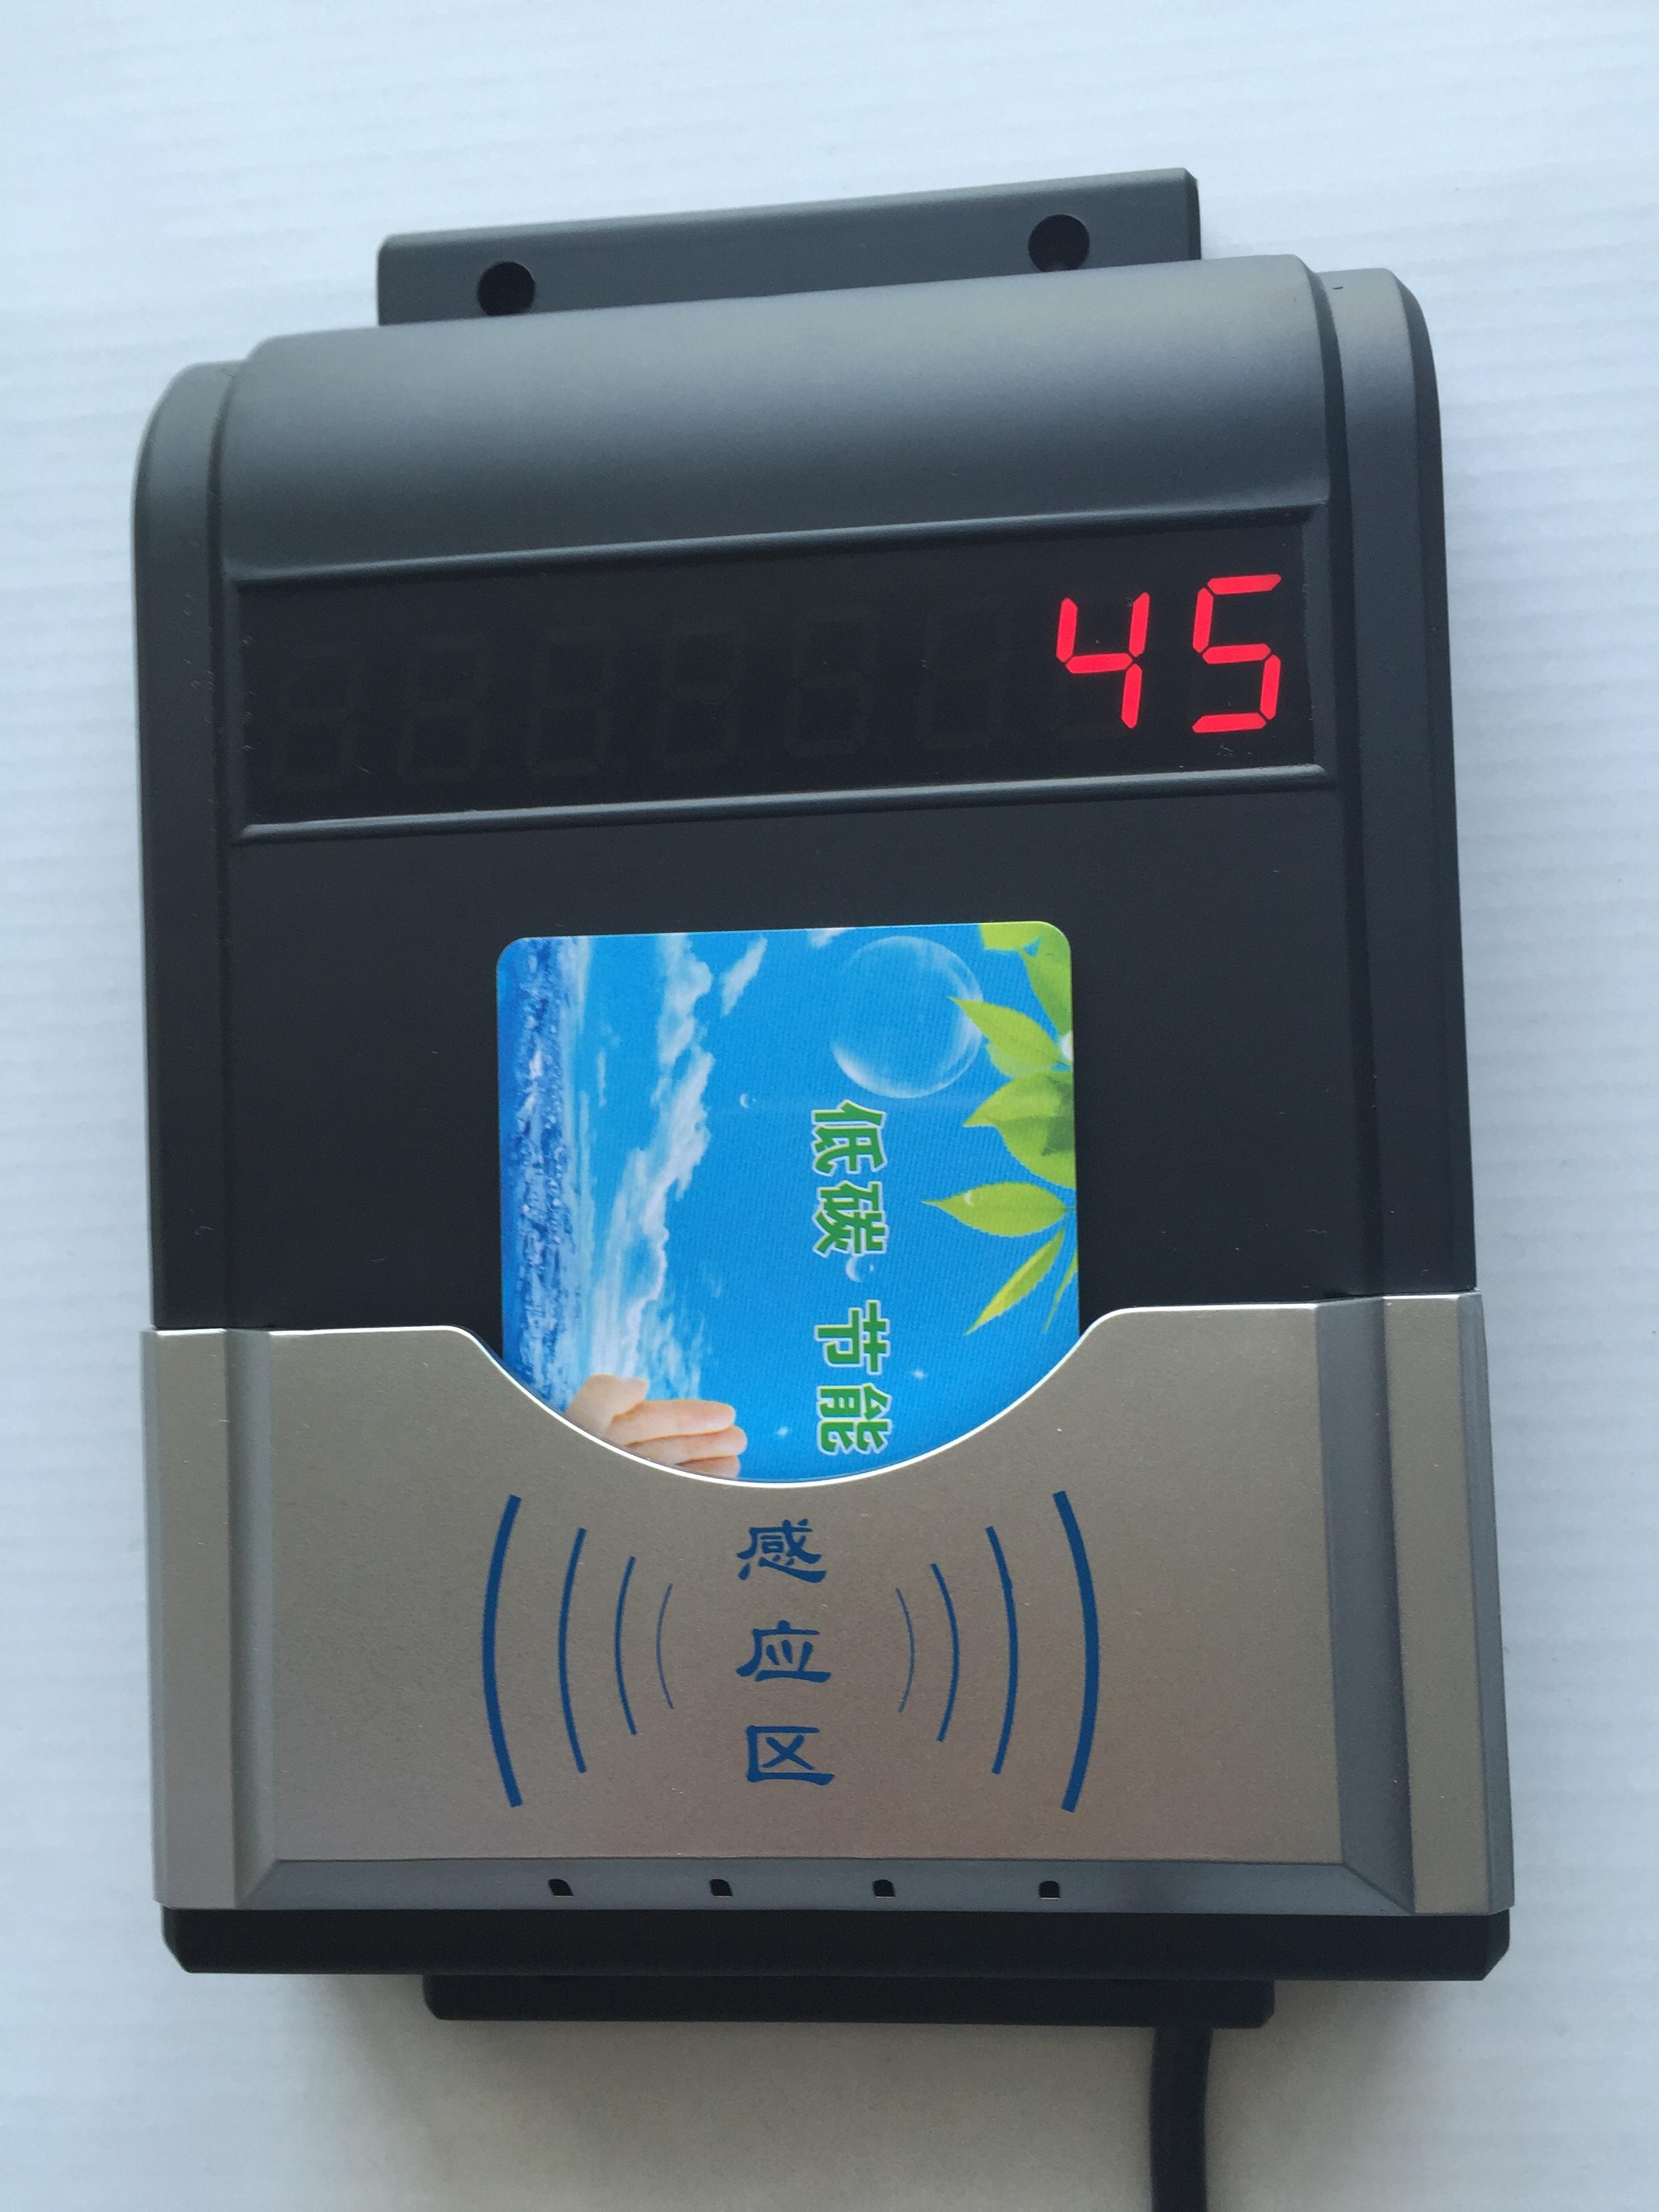 IC卡刷卡节水设备 洗澡水控机图片/IC卡刷卡节水设备 洗澡水控机样板图 (3)